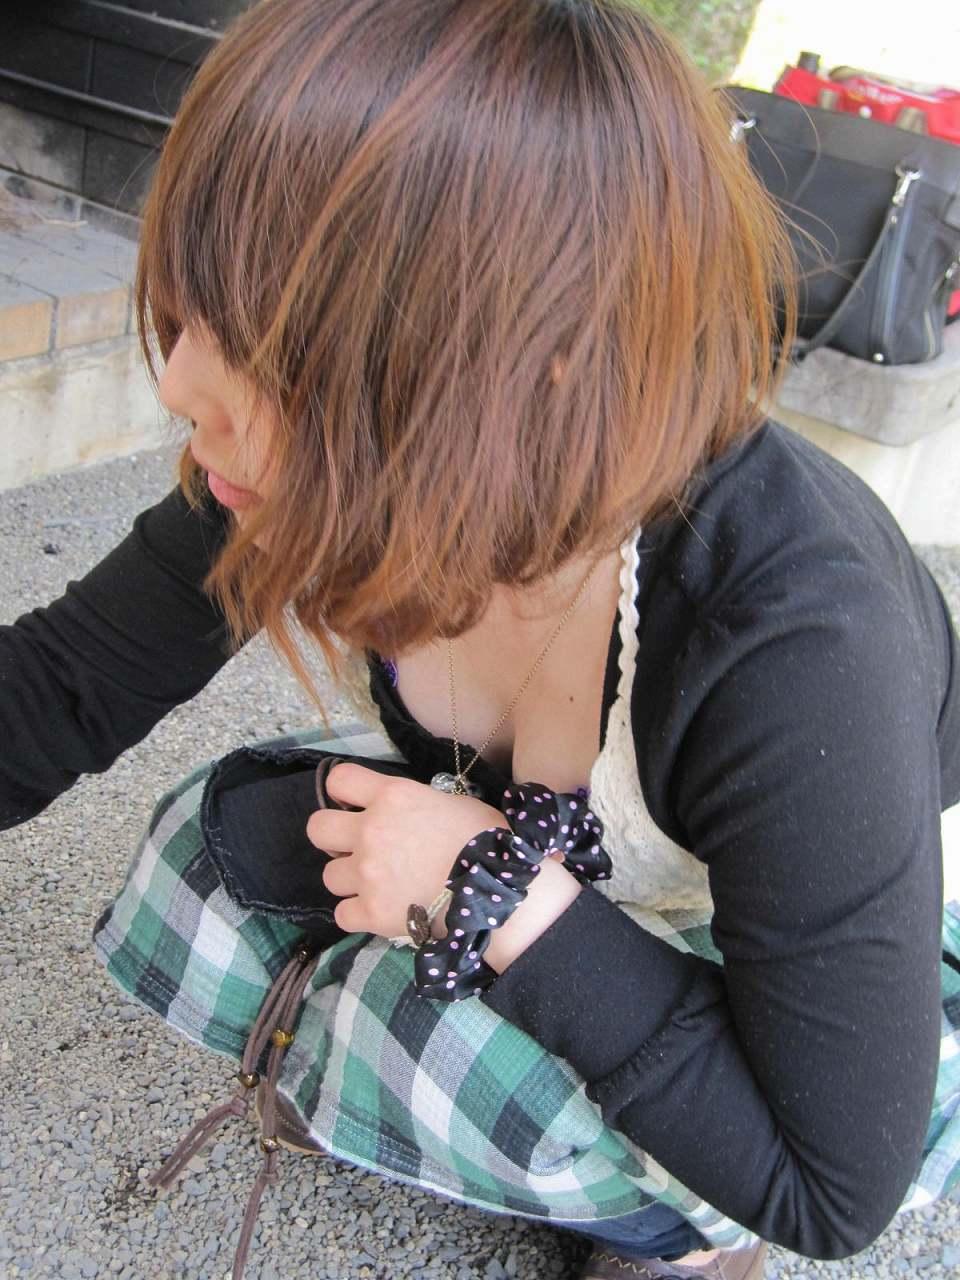 前屈み女性の胸チラ (2)